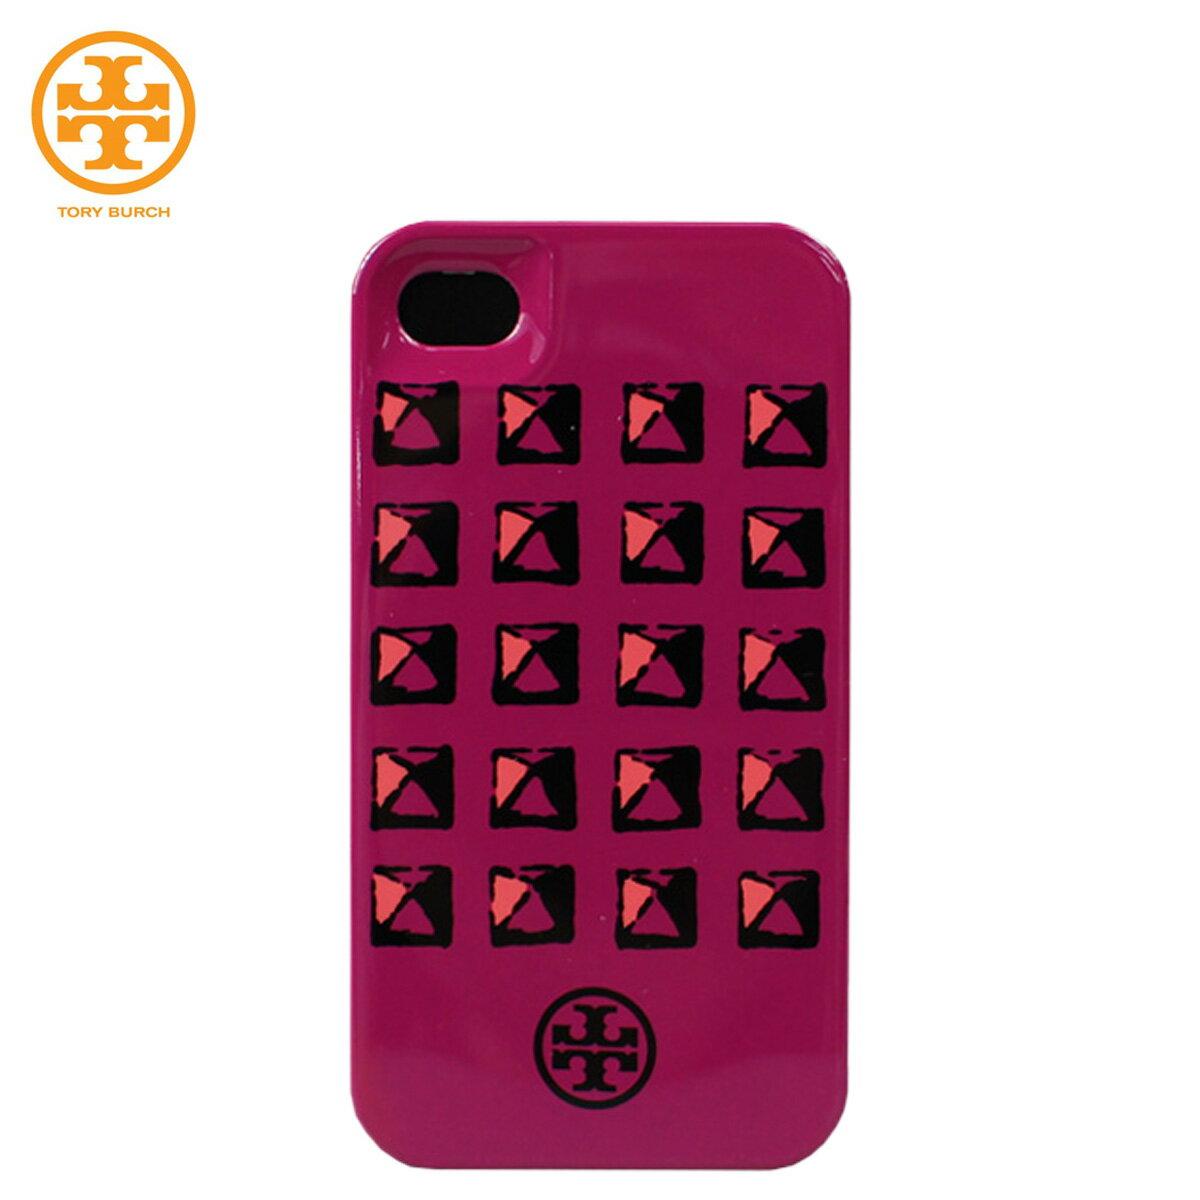 トリーバーチ トリバーチ TORY BURCH iPhone4 4S ケース 41129069 662 ロイヤル フューシャ レディース 【ネコポス可】 【CLEARANCE】【返品不可】